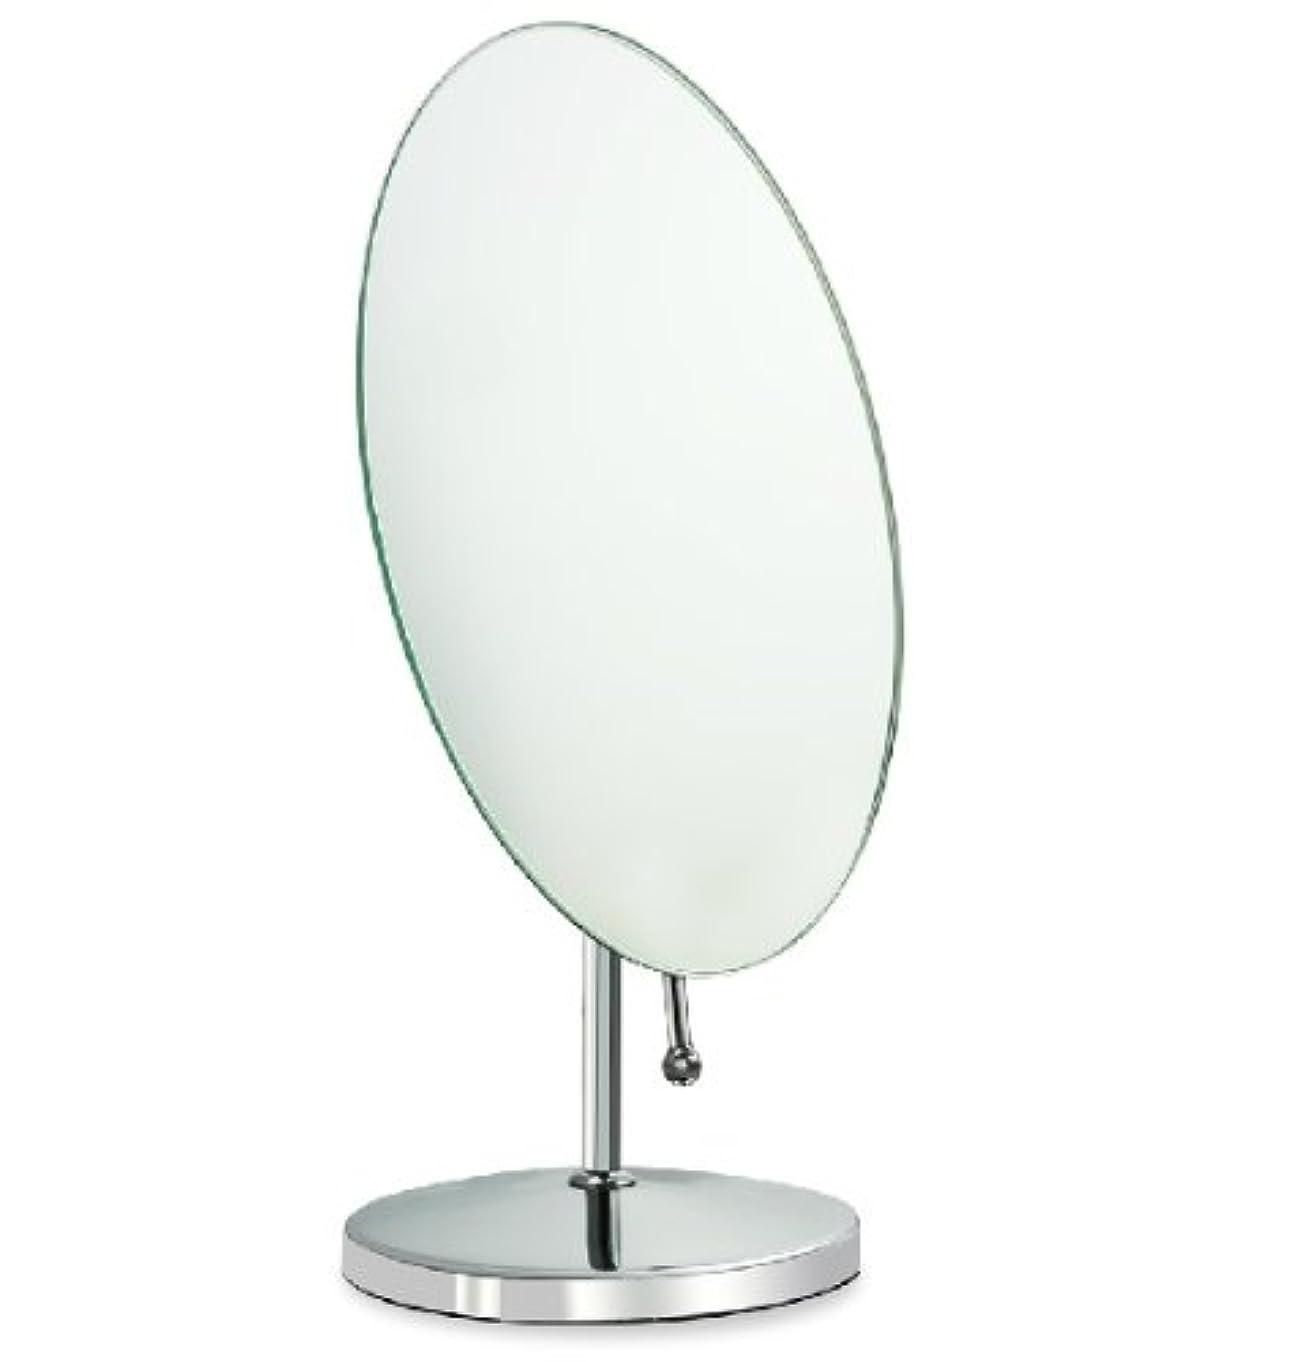 密加害者慢な鏡 卓上鏡 化粧鏡 スタンドミラー 全方向可動式 取っ手付き鏡 大きめな楕円形